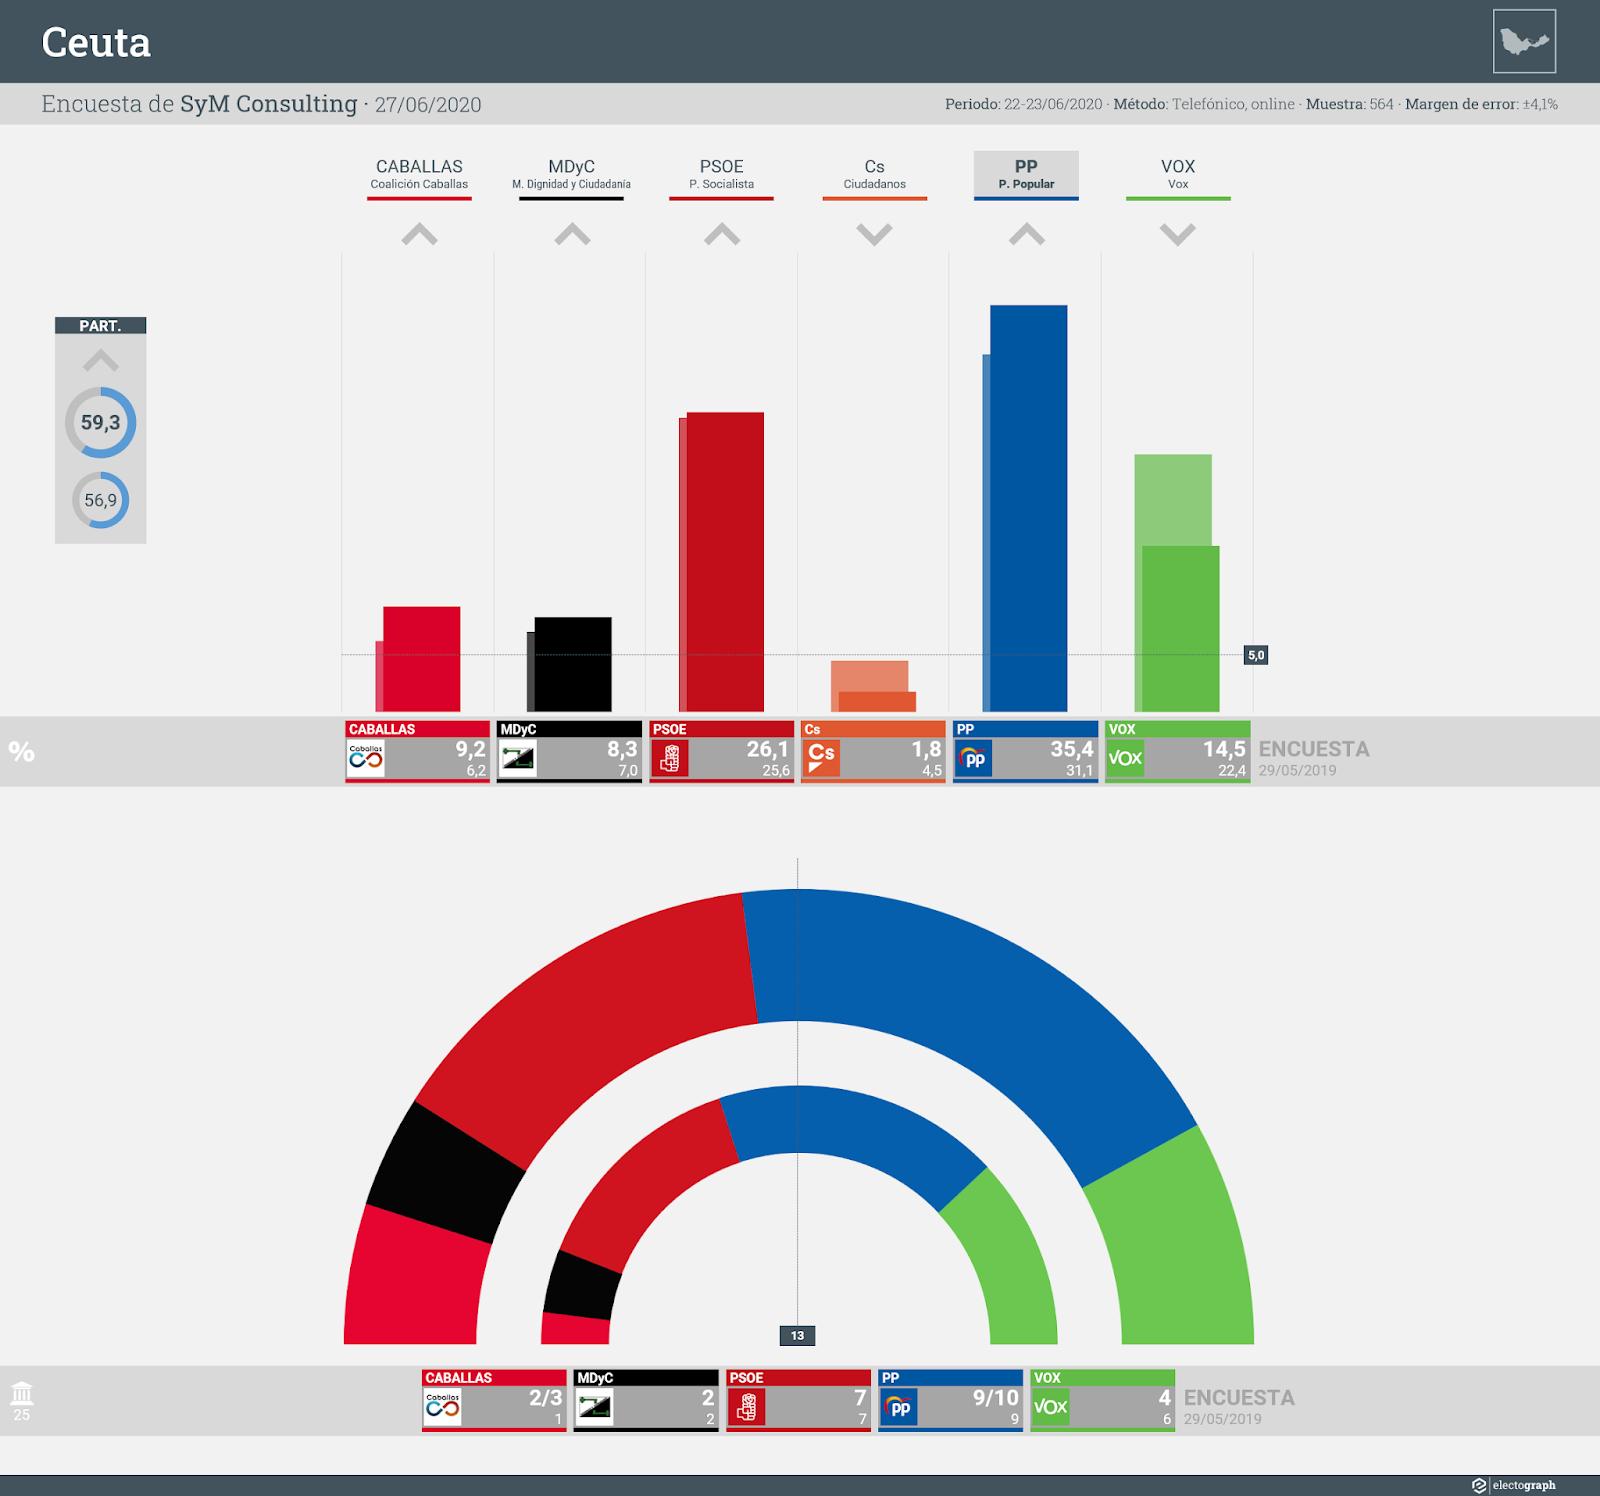 Gráfico de la encuesta para elecciones autonómicas en Ceuta realizada por SyM Consulting, 27 de junio de 2020